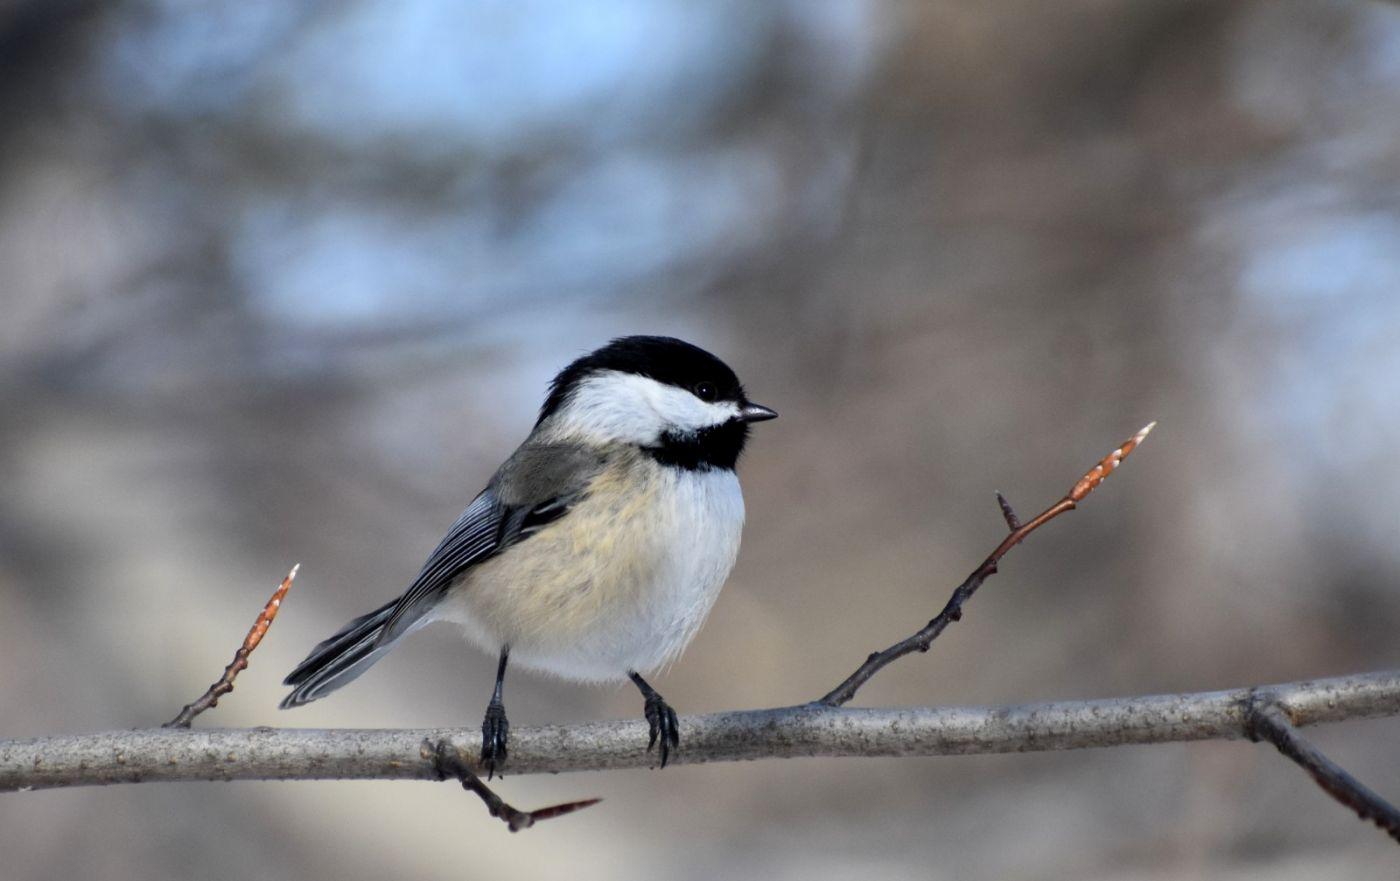 雪后鸟儿忙觅食_图1-22